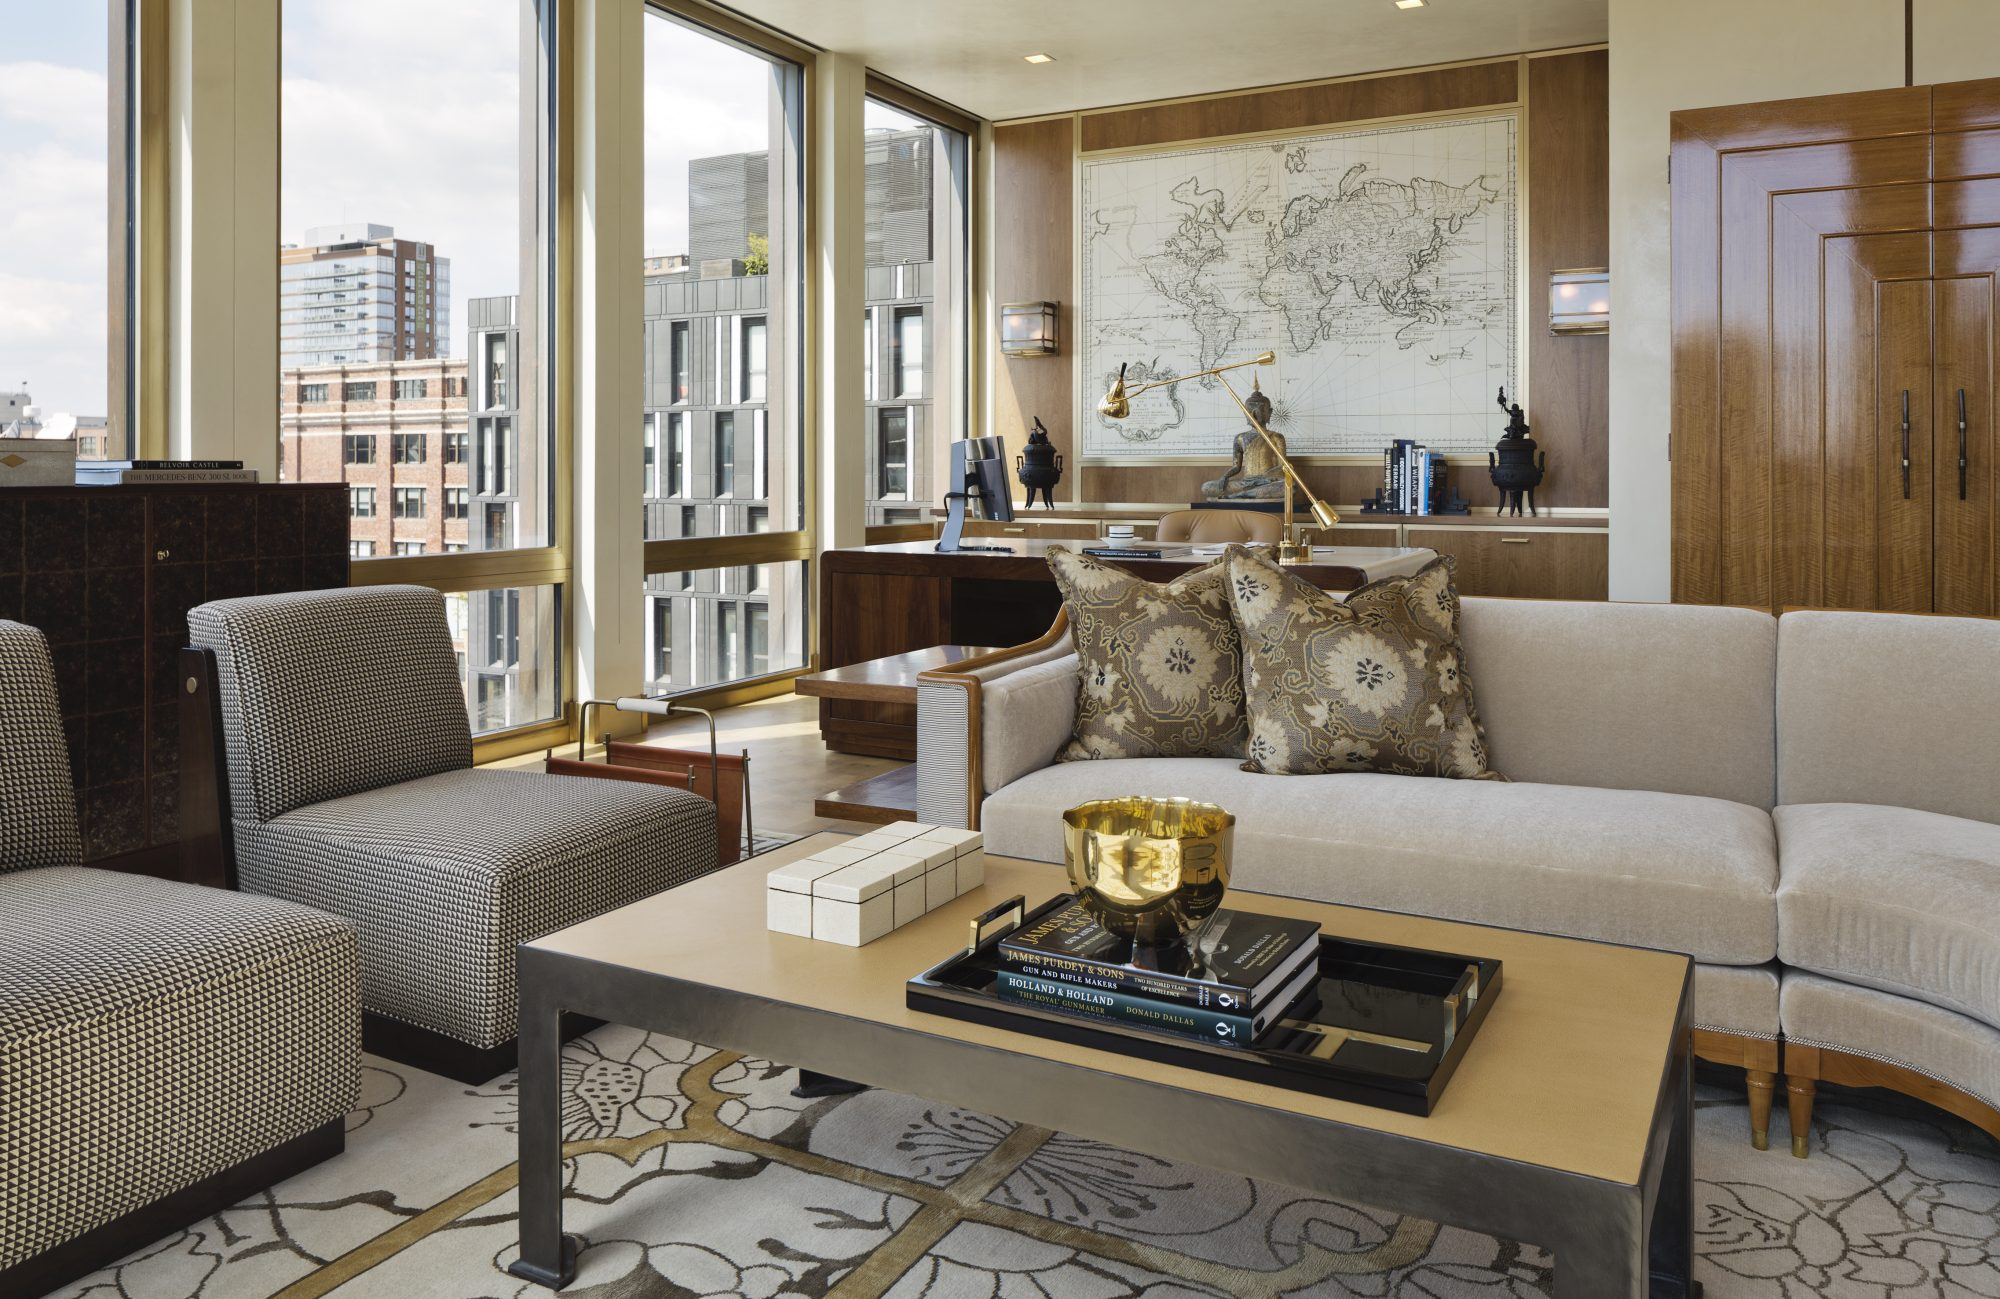 luxury interior designer near me